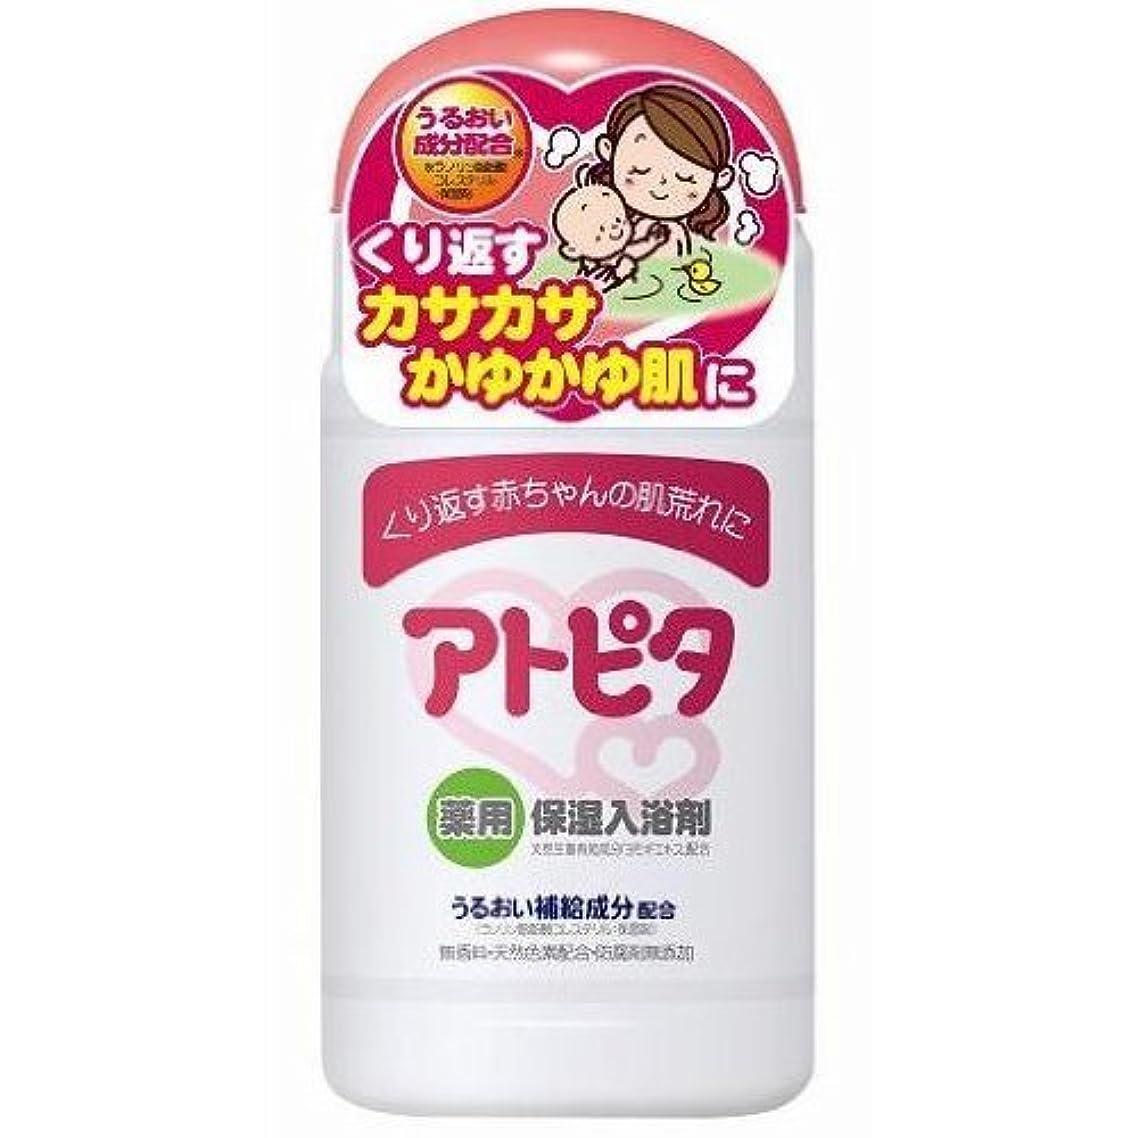 アトピタ薬用入浴剤 500g